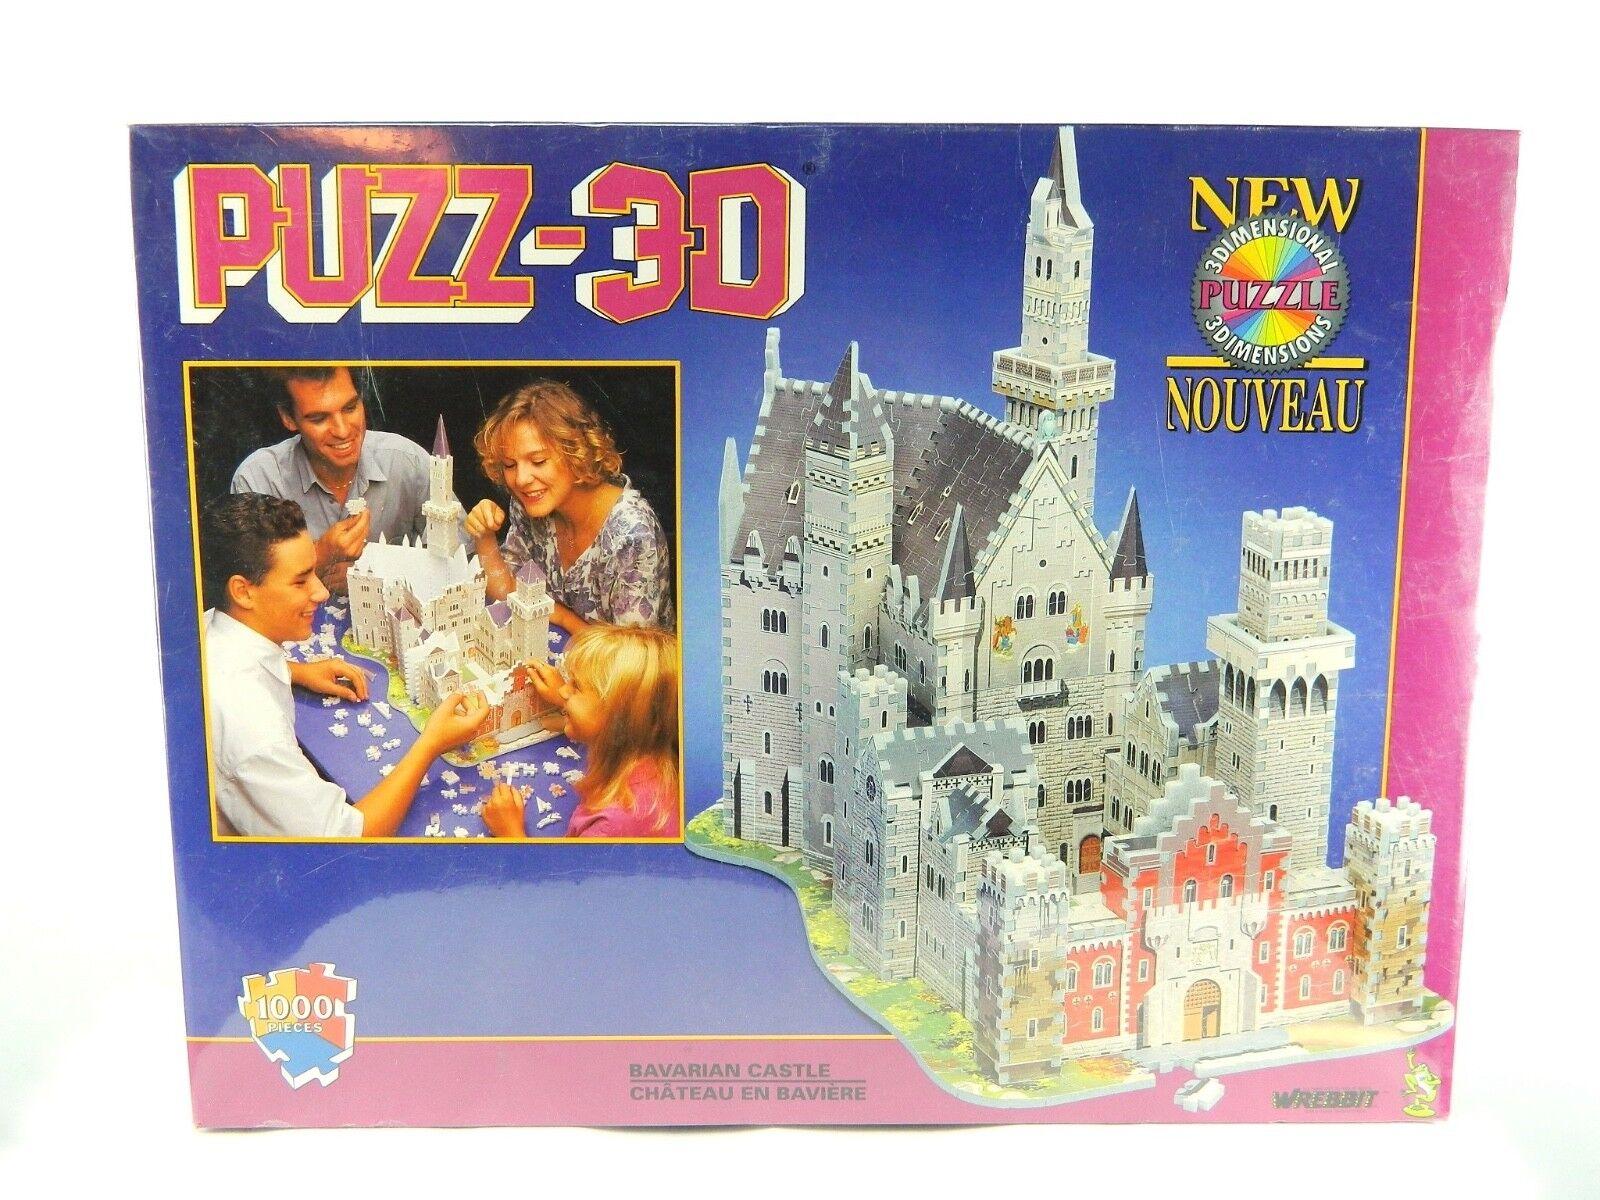 Bayerische schloss 3d - puzzle 1000 stcke wrebbit puzz 3d